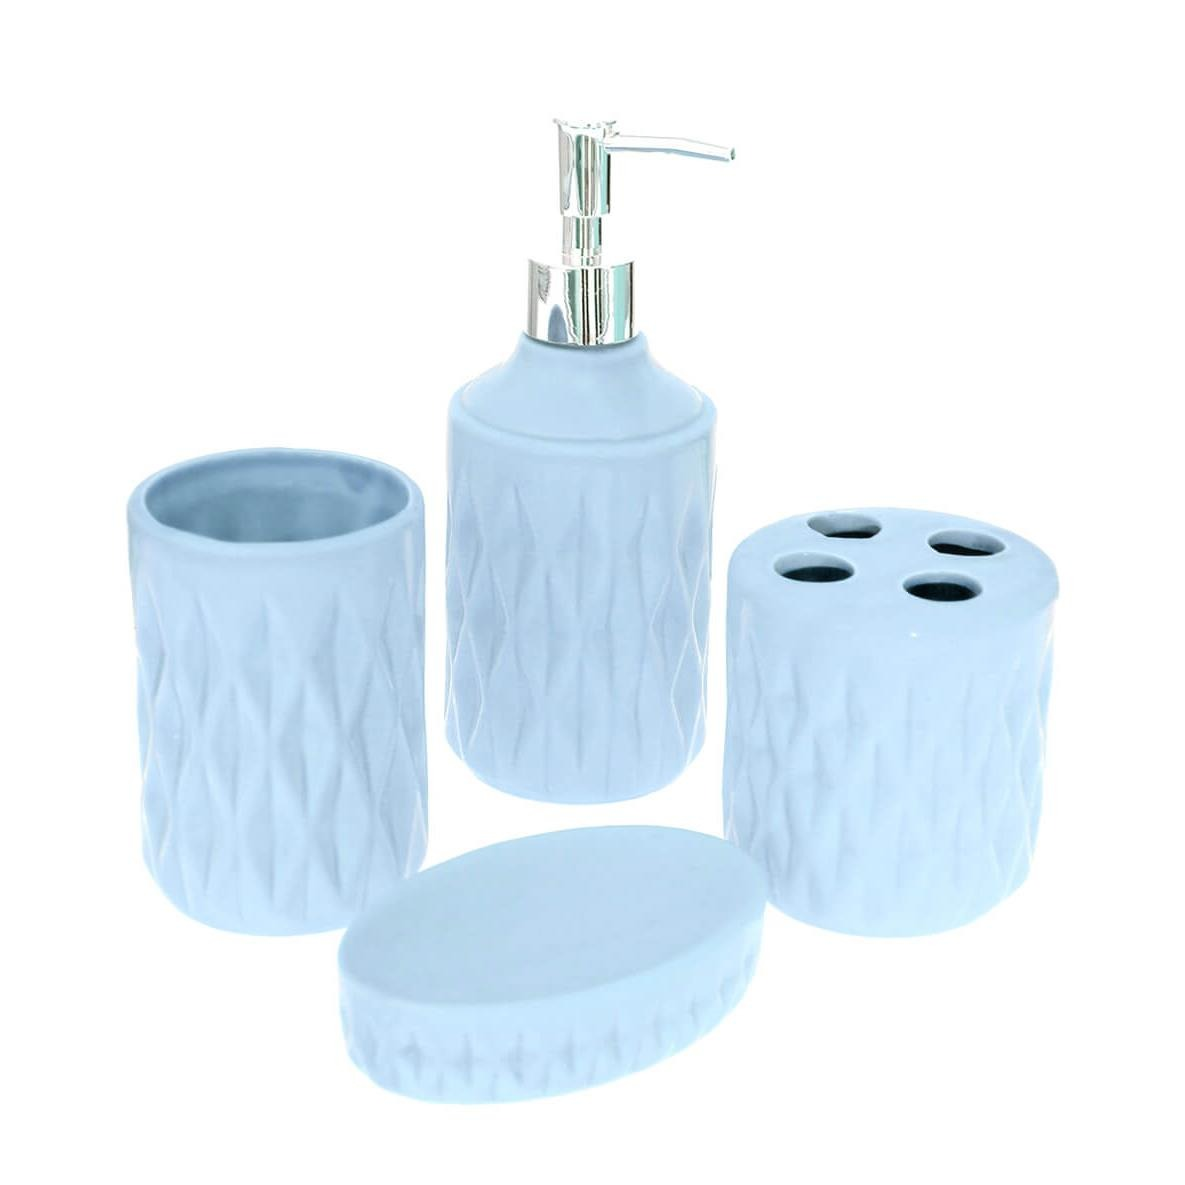 Jogo para Banheiro de Ceramica 4 Pecas Azul 34600001 - GPresentes